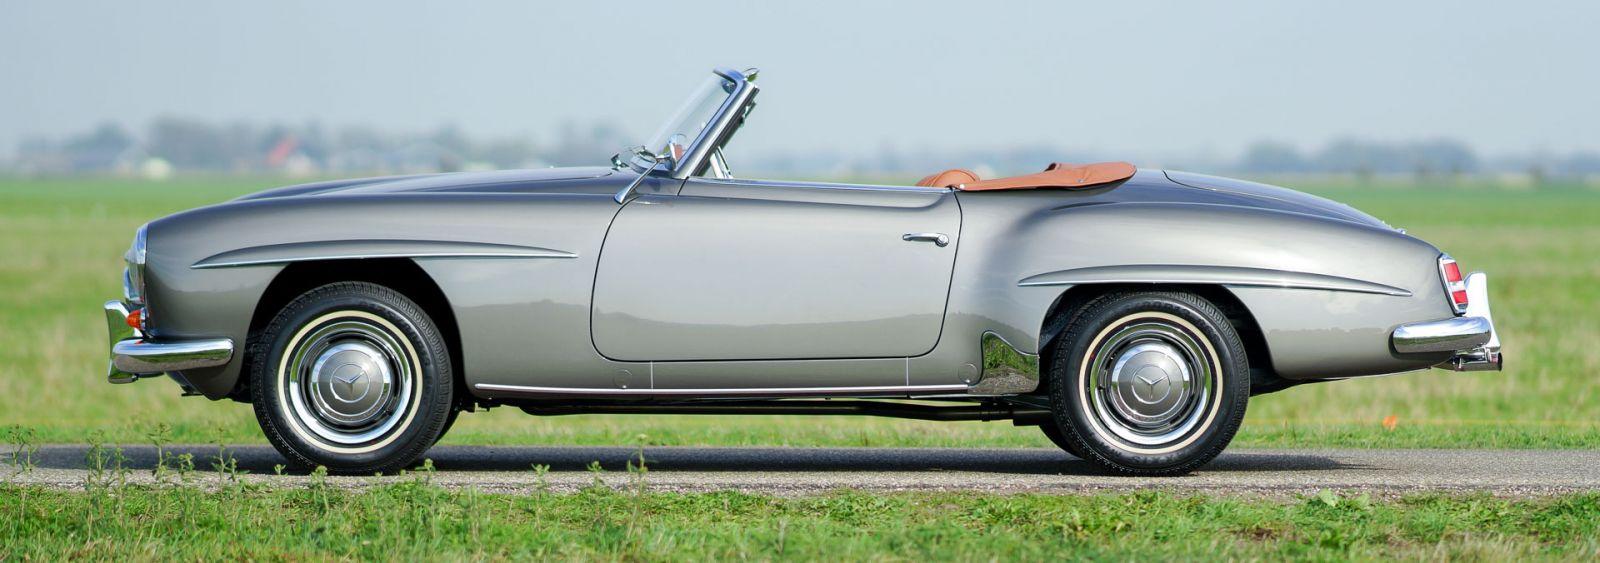 Wondrous Mercedes Benz 190 Sl 1962 Welcome To Classicargarage Wiring Digital Resources Millslowmaporg